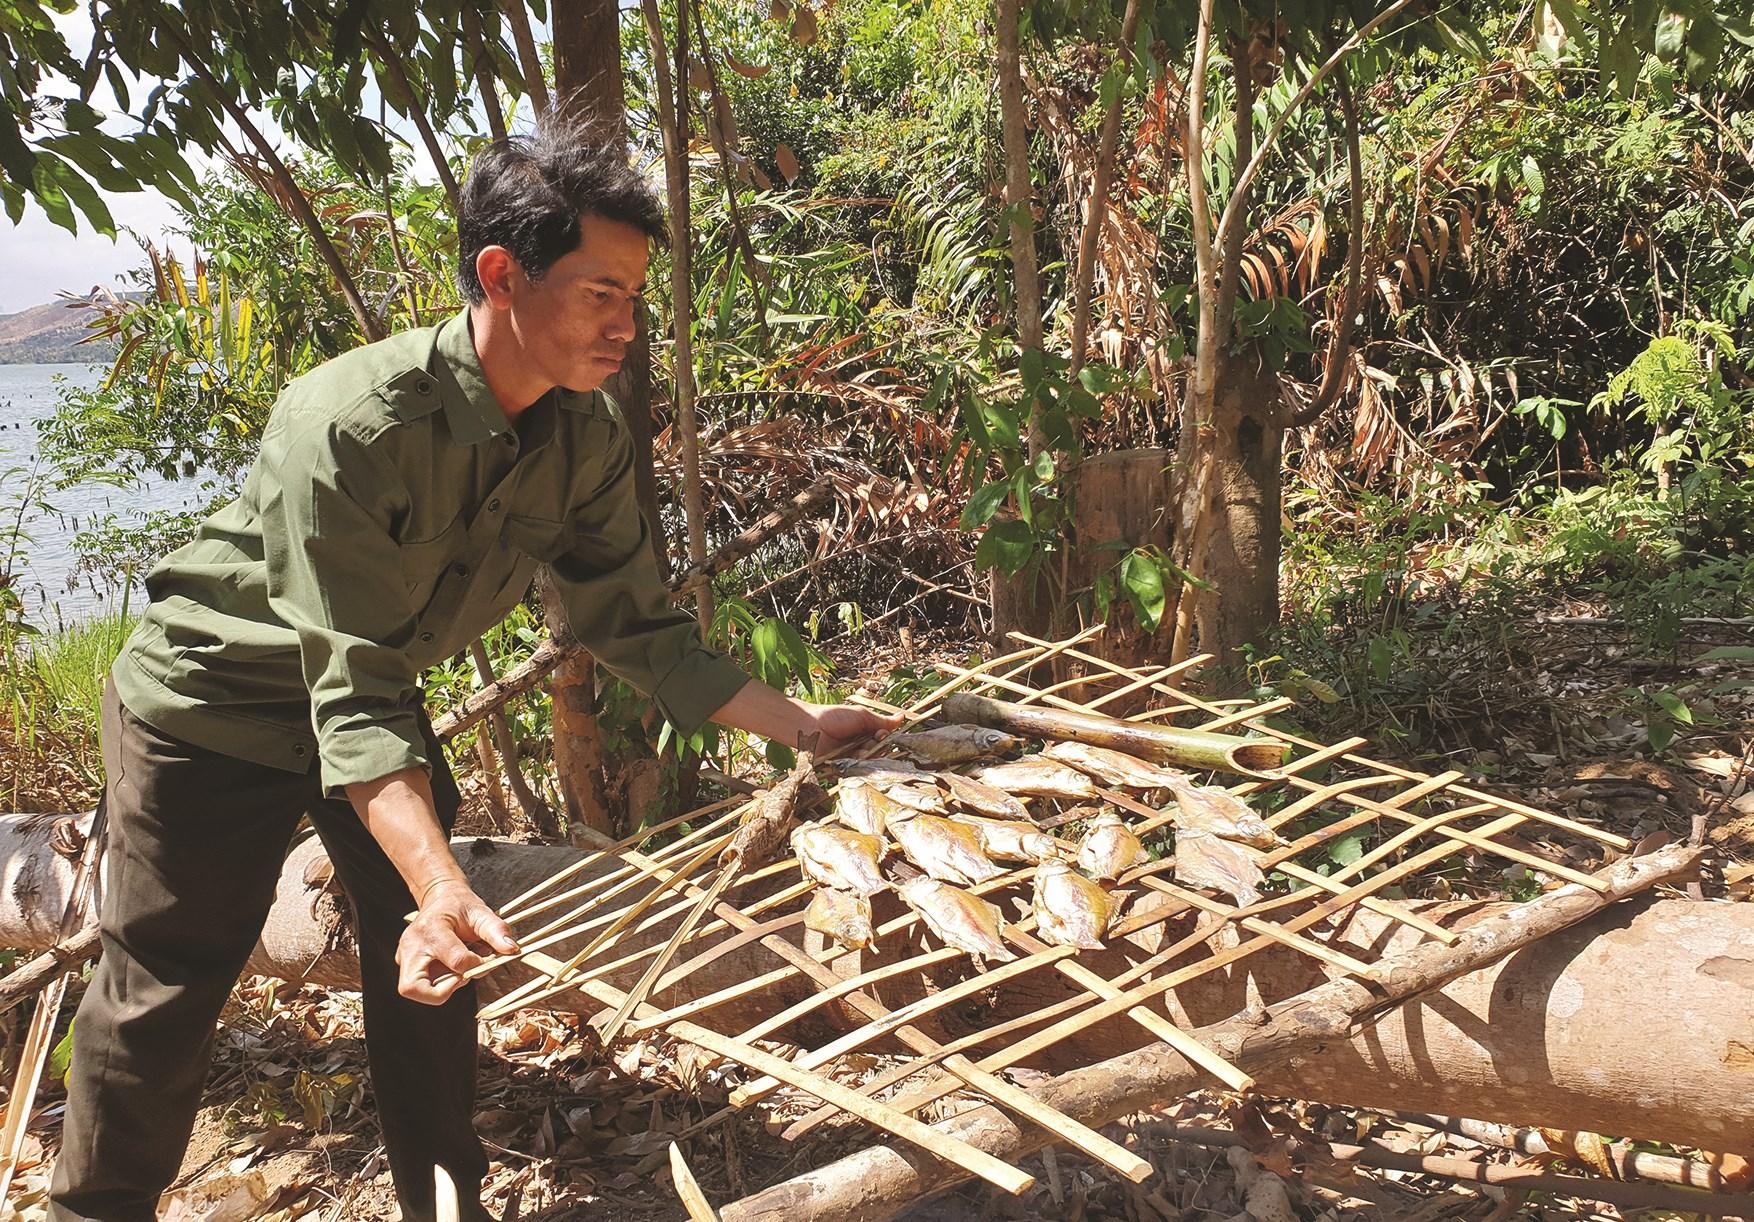 Cá được đánh bắt dưới sông, phục vụ cho bữa ăn hằng ngày của các cán bộ và người dân nhận khoán chăm sóc bảo vệ rừng